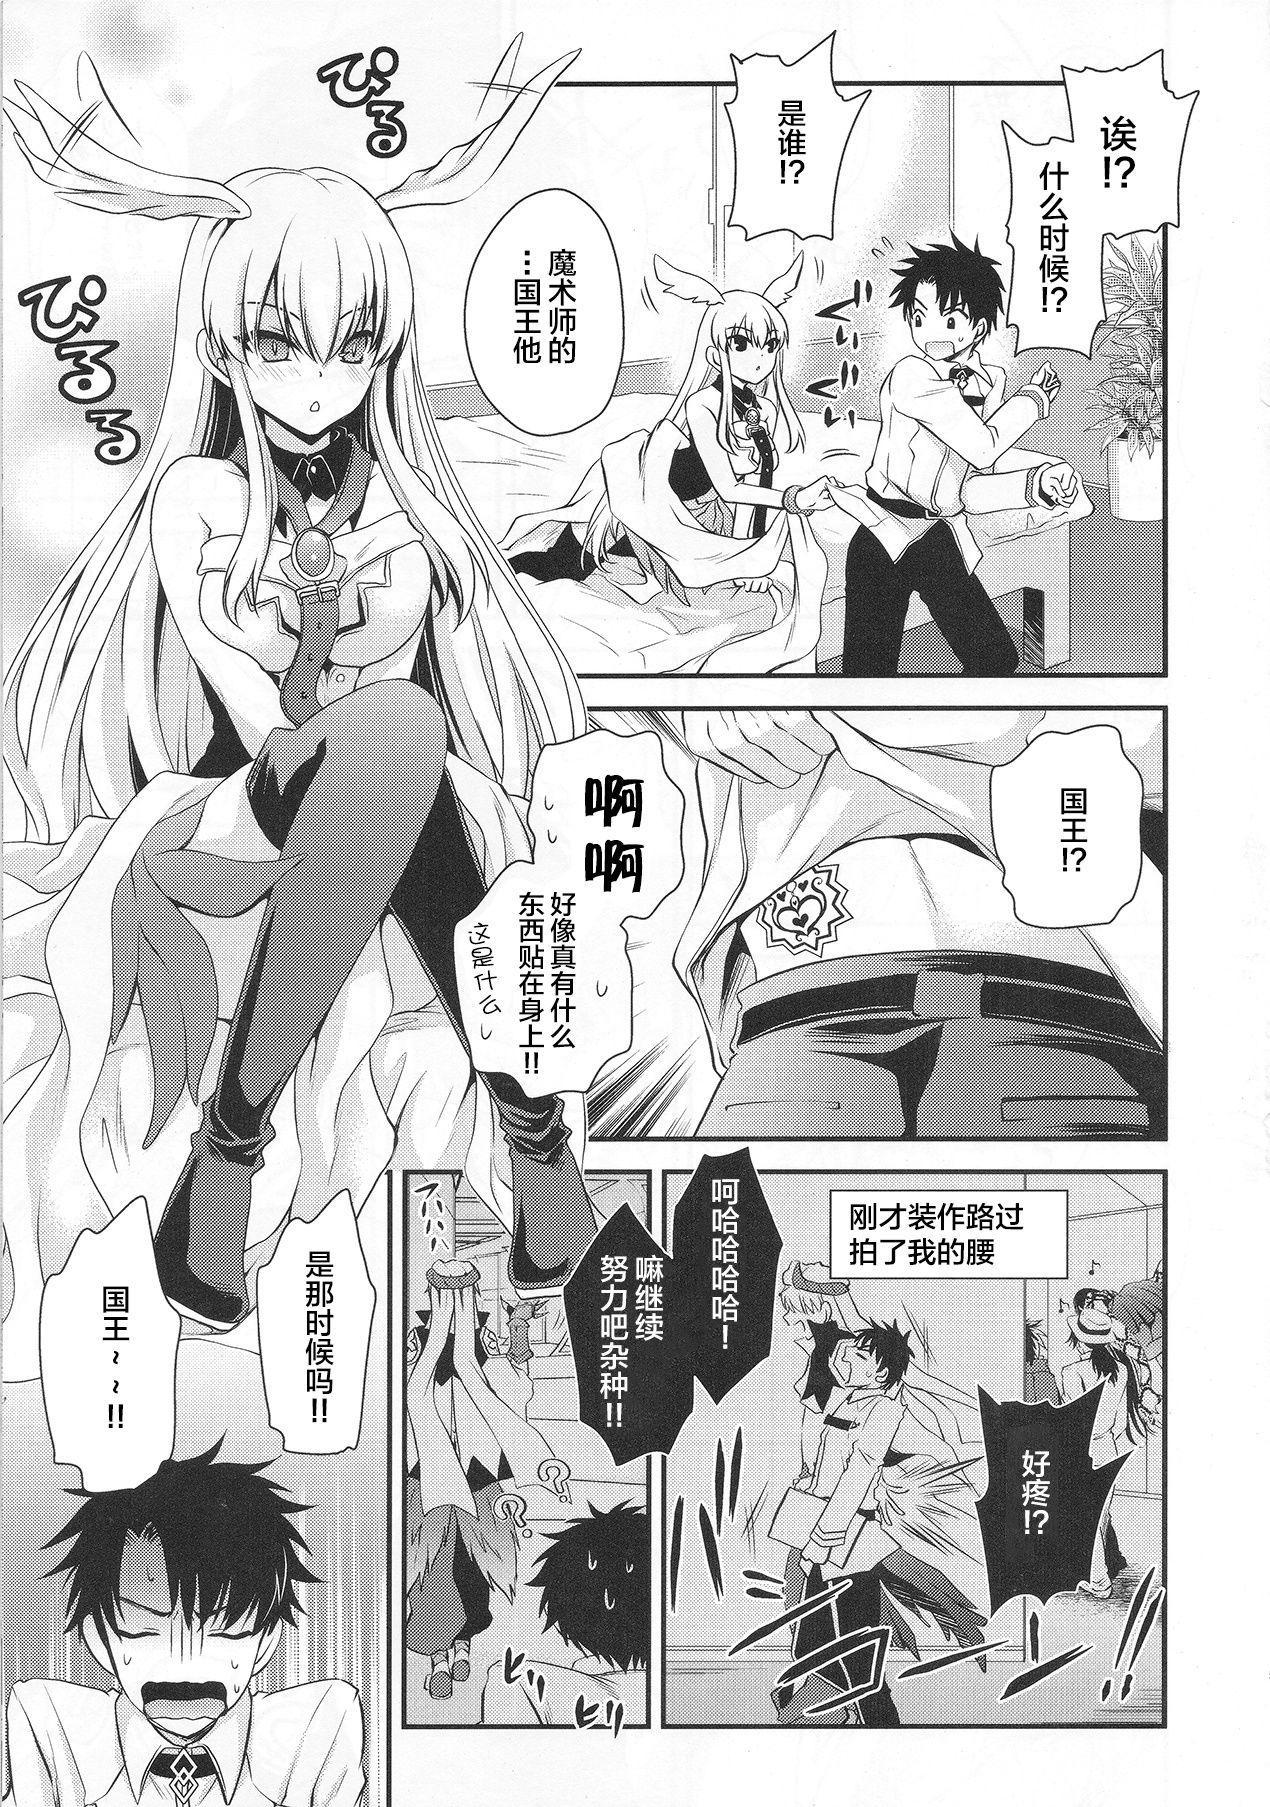 Uwasa no Are o Kokuin Shite Mimashita 5